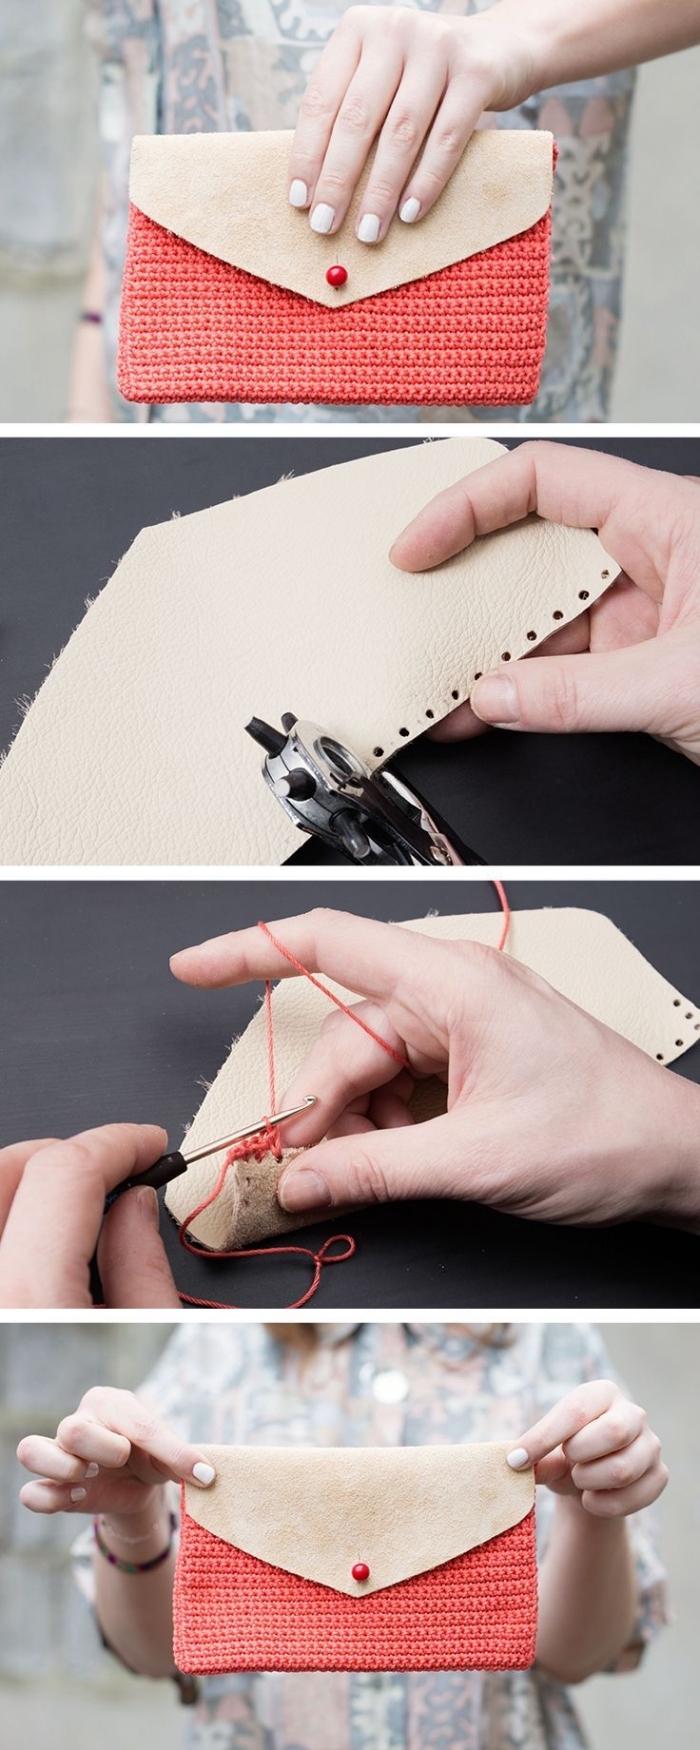 tuto sac pochette bi-matière en crochet couleur corail et rabat en cuir